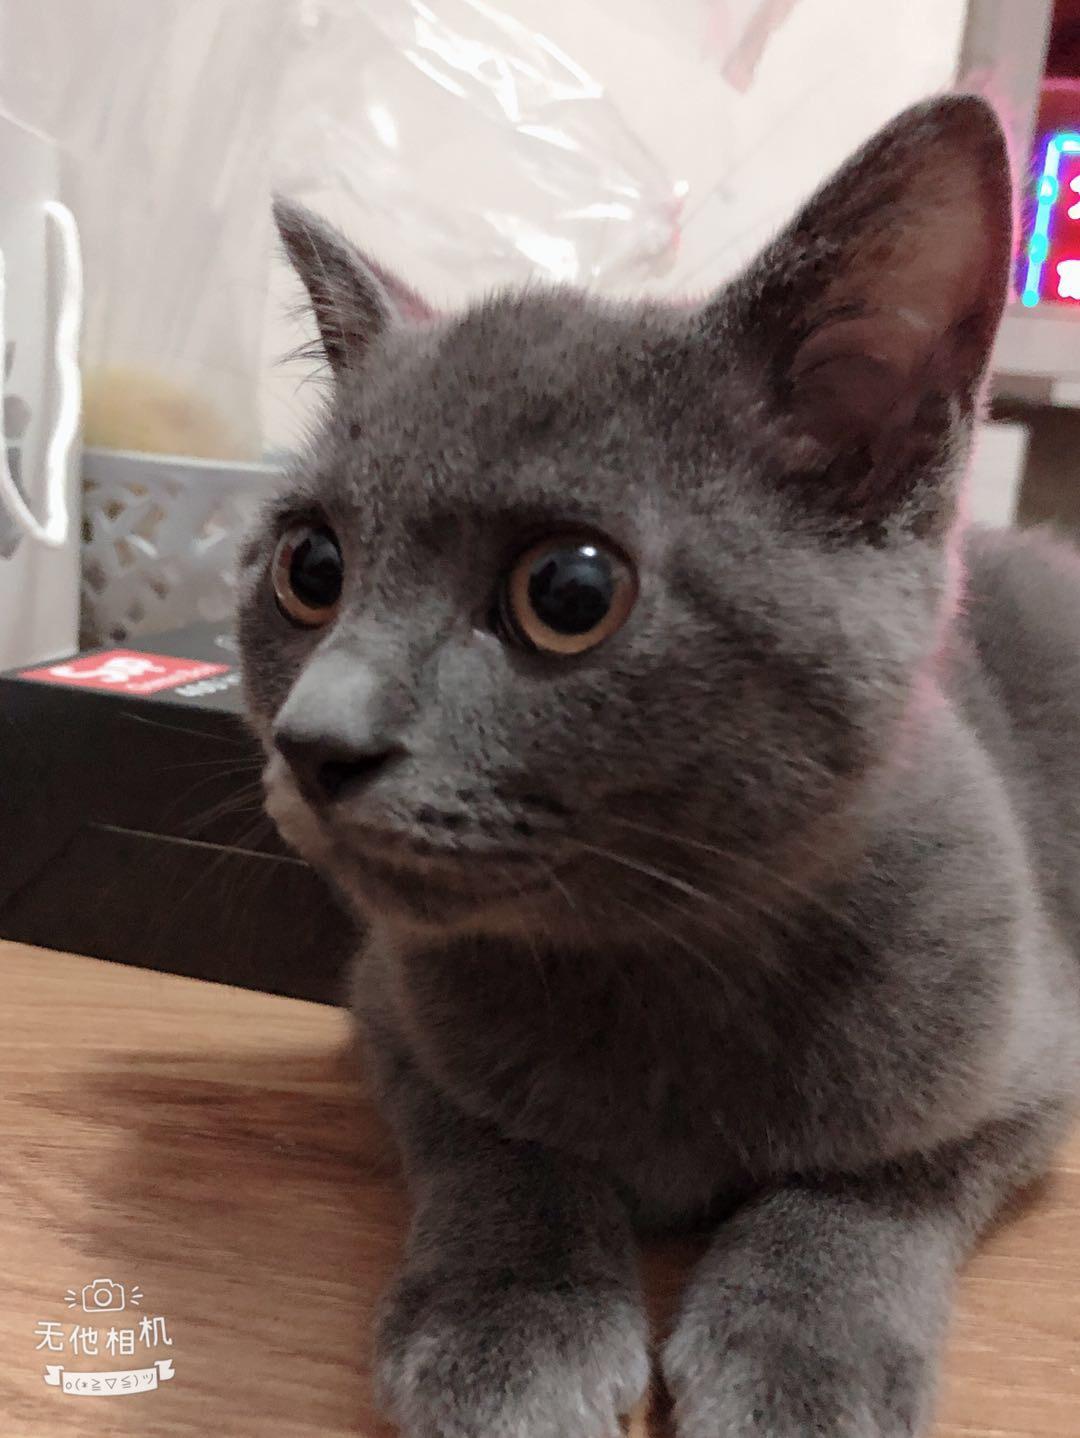 蓝猫弟弟一只